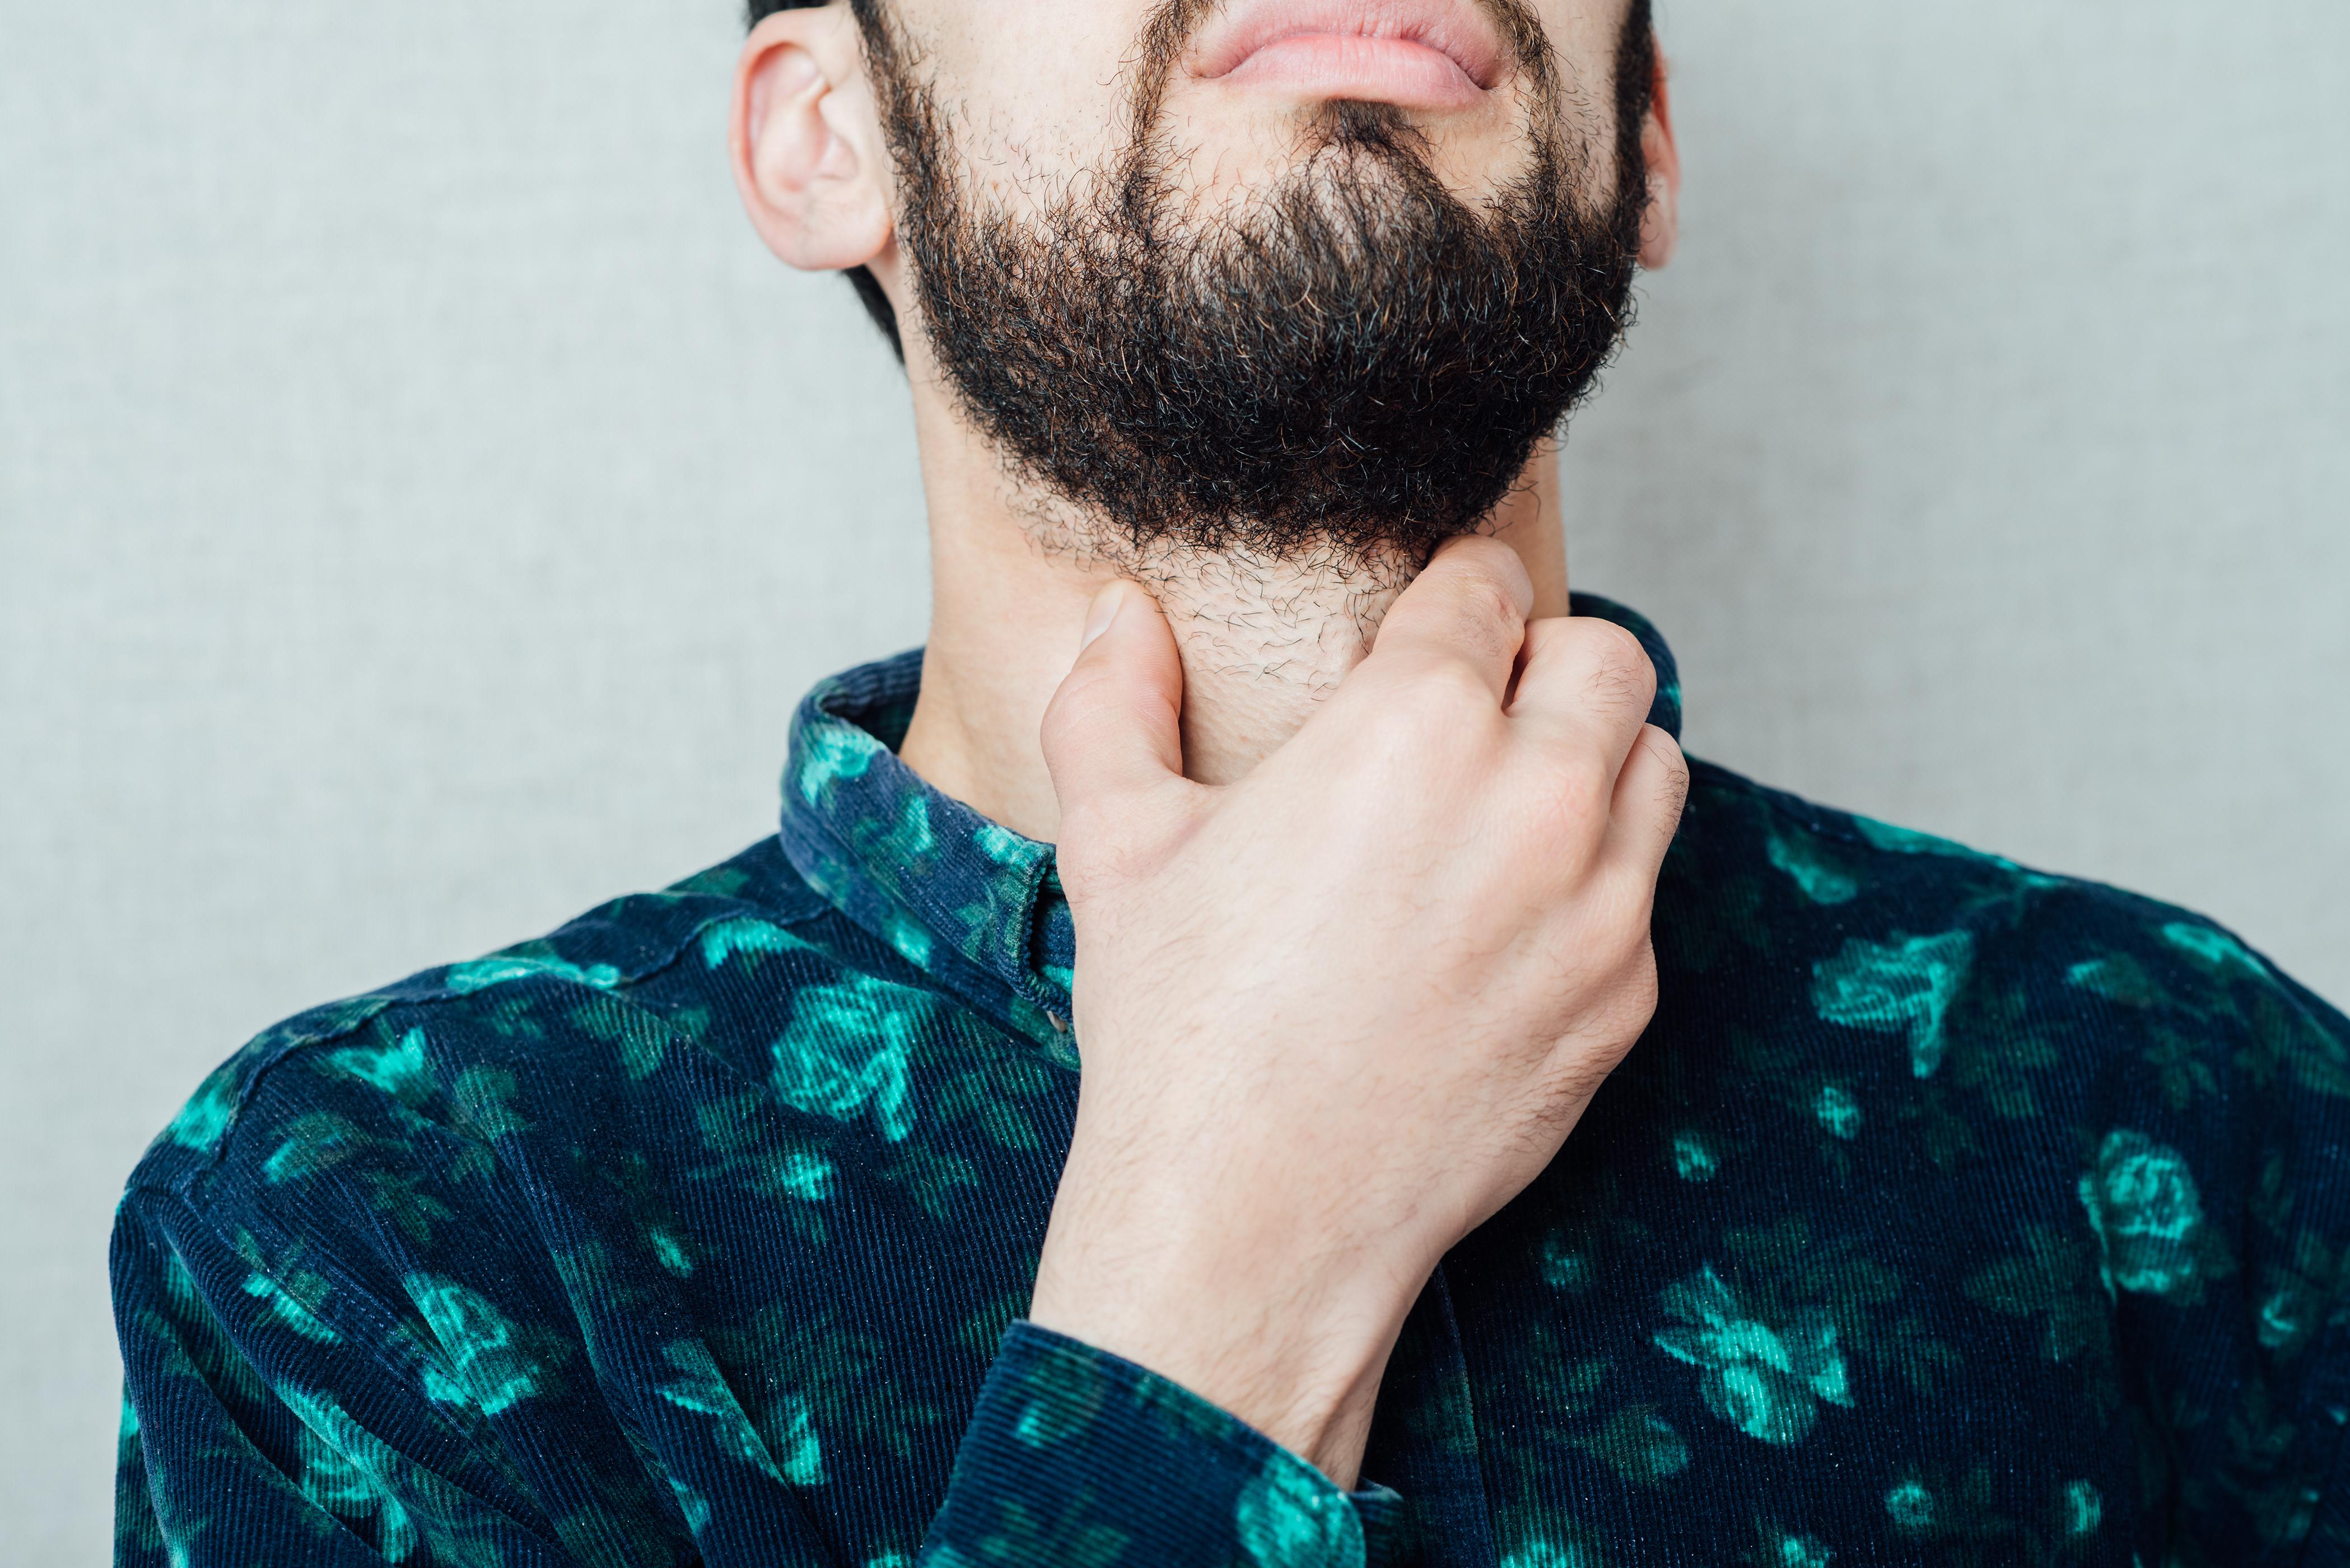 Halsont är ett symtom vid halsfluss som leder till att du får rejält ont i halsen och även svårigheter att svälja på grund av att det uppstår smärta och svullnad i svalget.